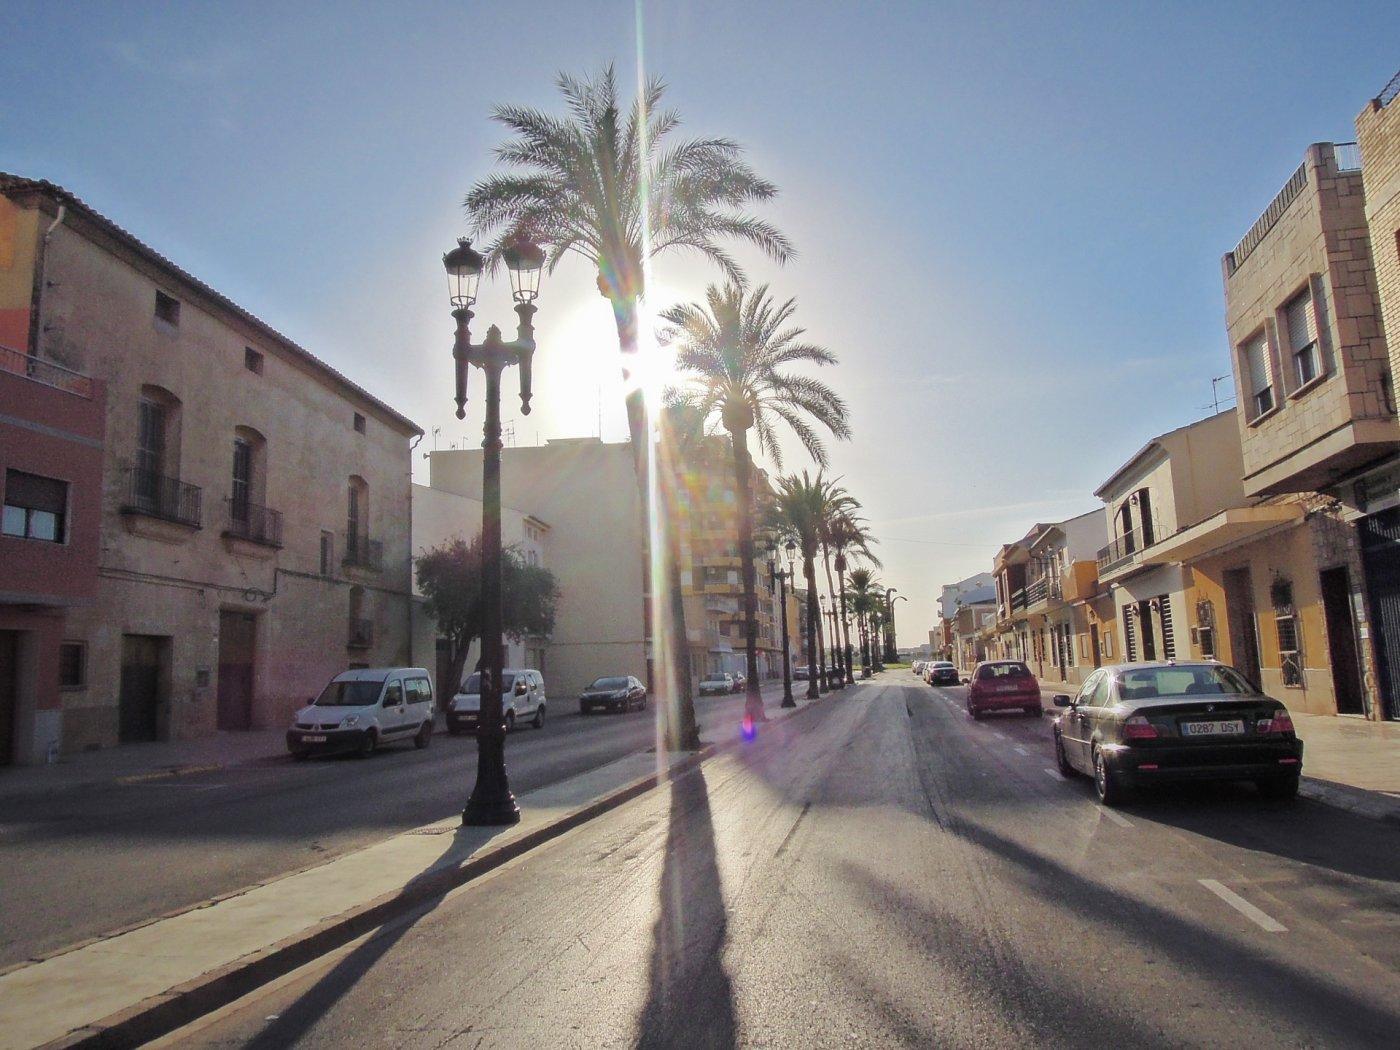 Terrain urbain  Rafelbuñol - rafelbunyol ,centro pueblo. La mejor calle para el mejor proyecto. casa solariega